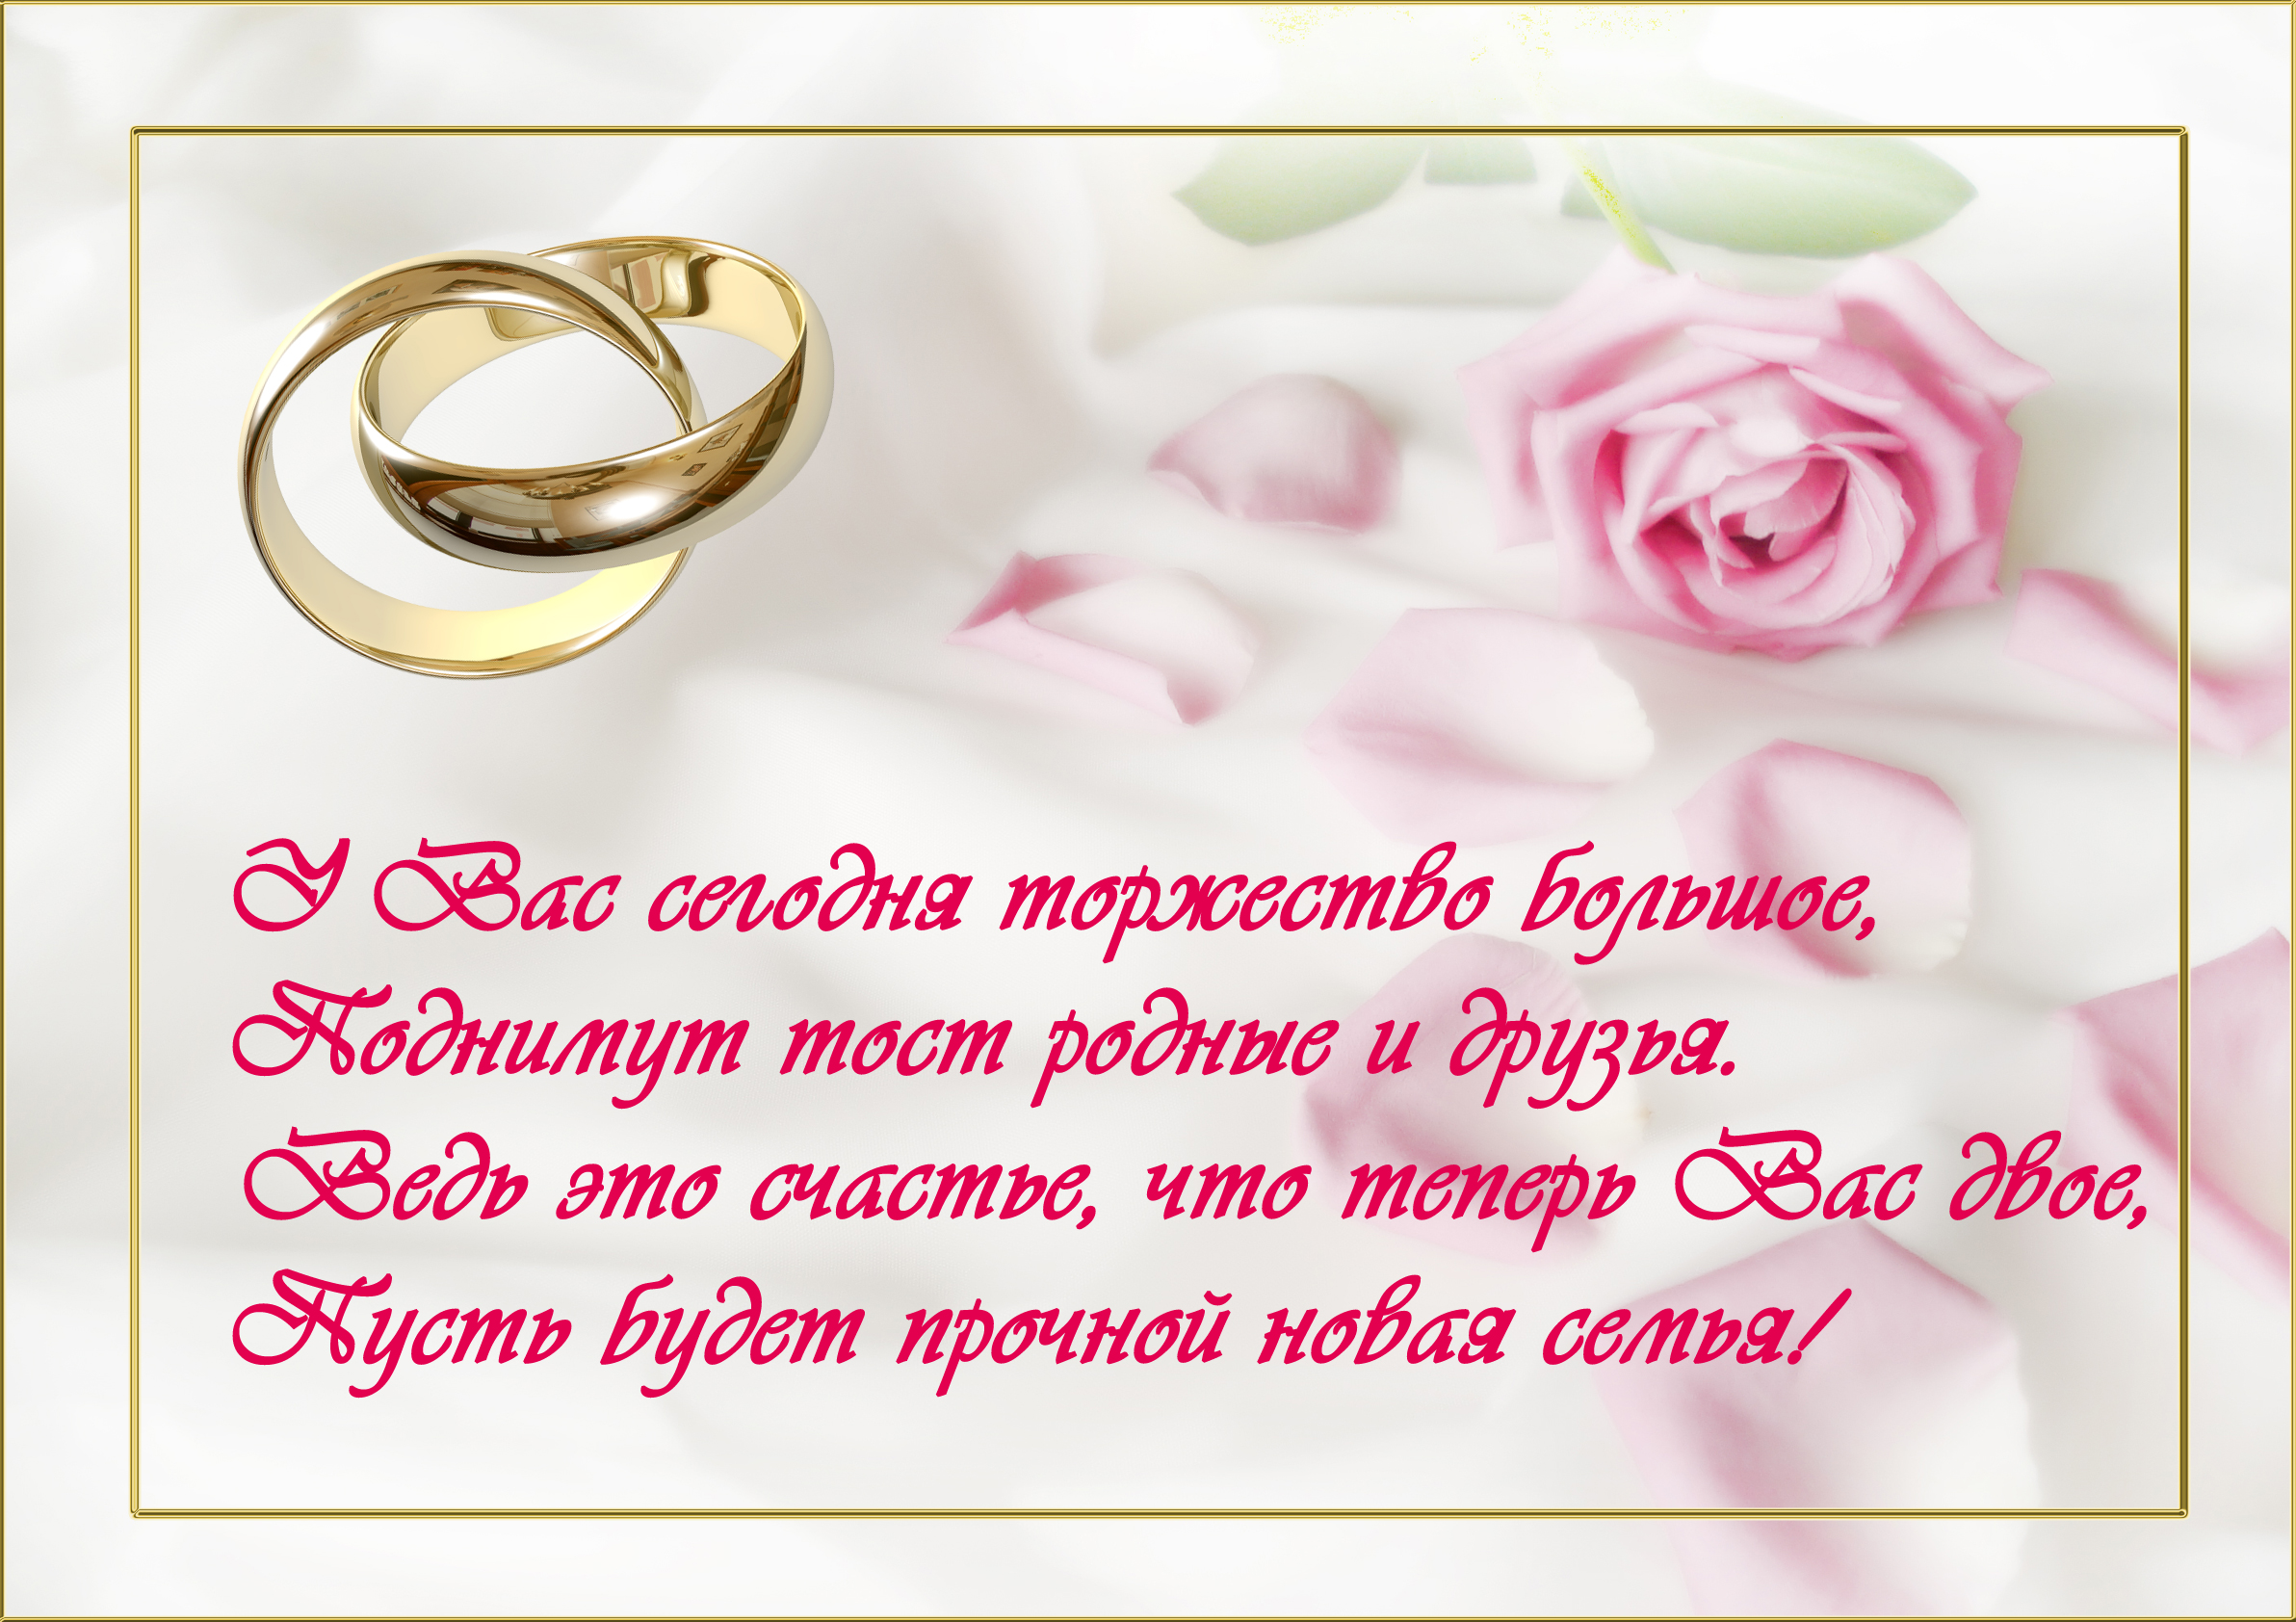 Сестра поздравление на свадьбу текст